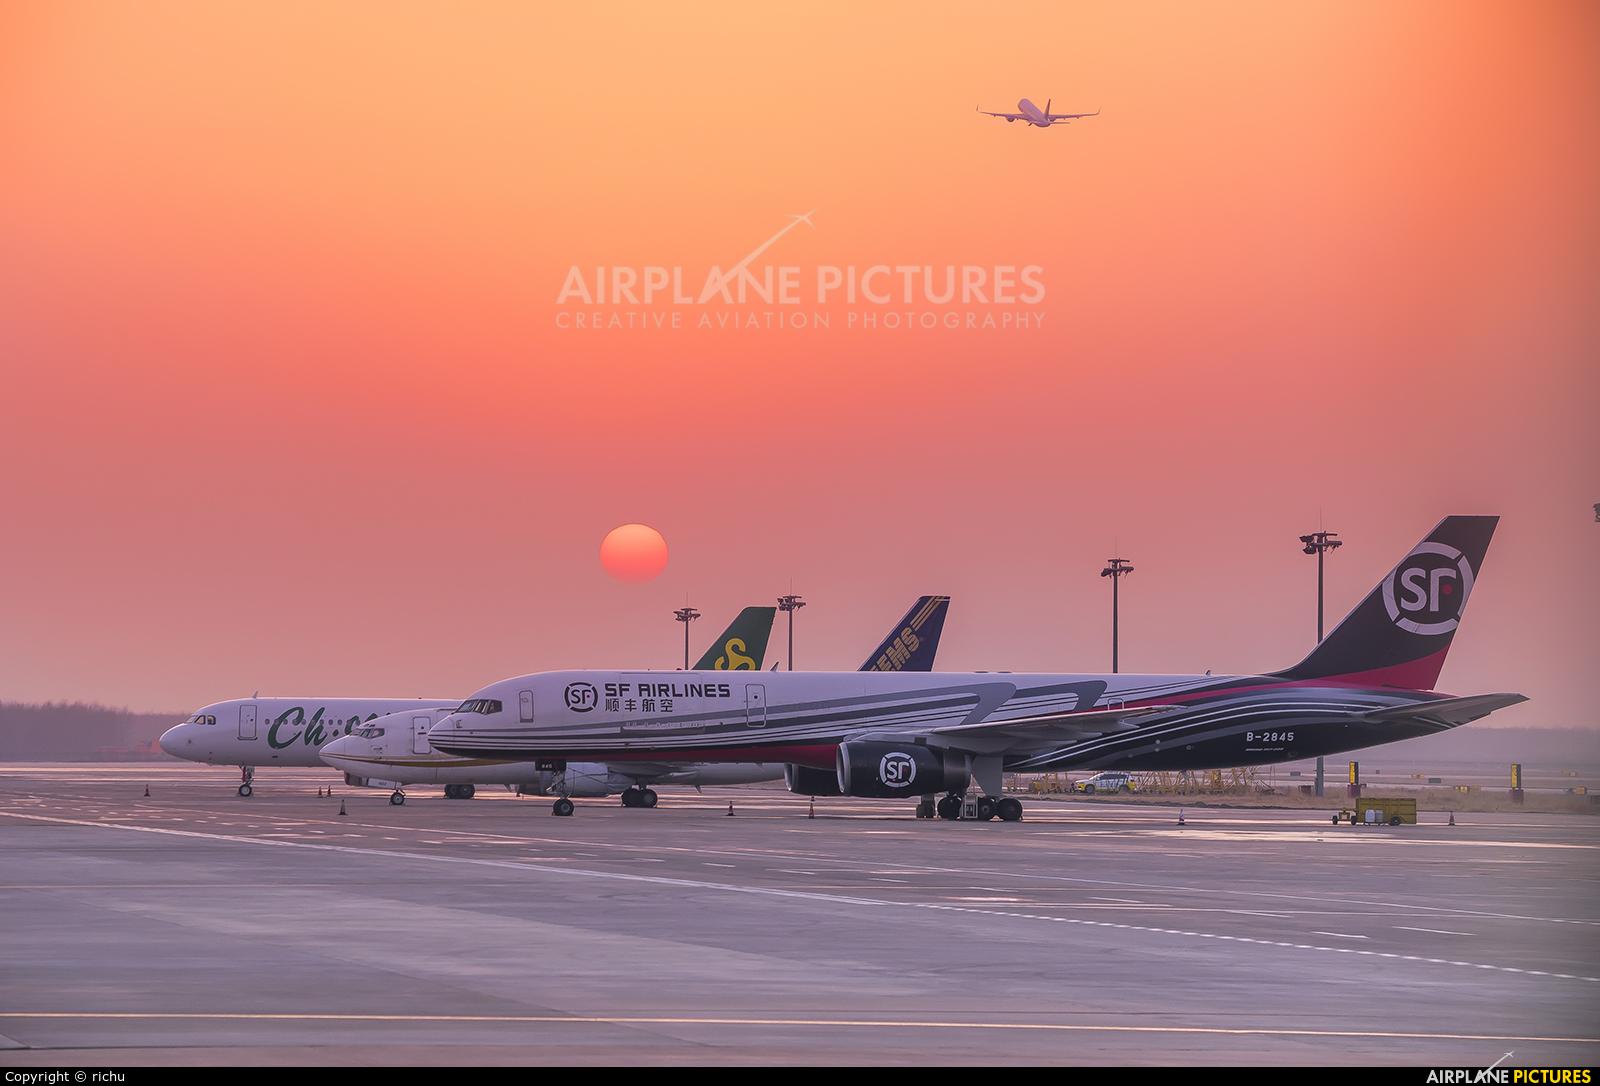 SF Airlines B-2845 aircraft at Shenyang-Taoxian